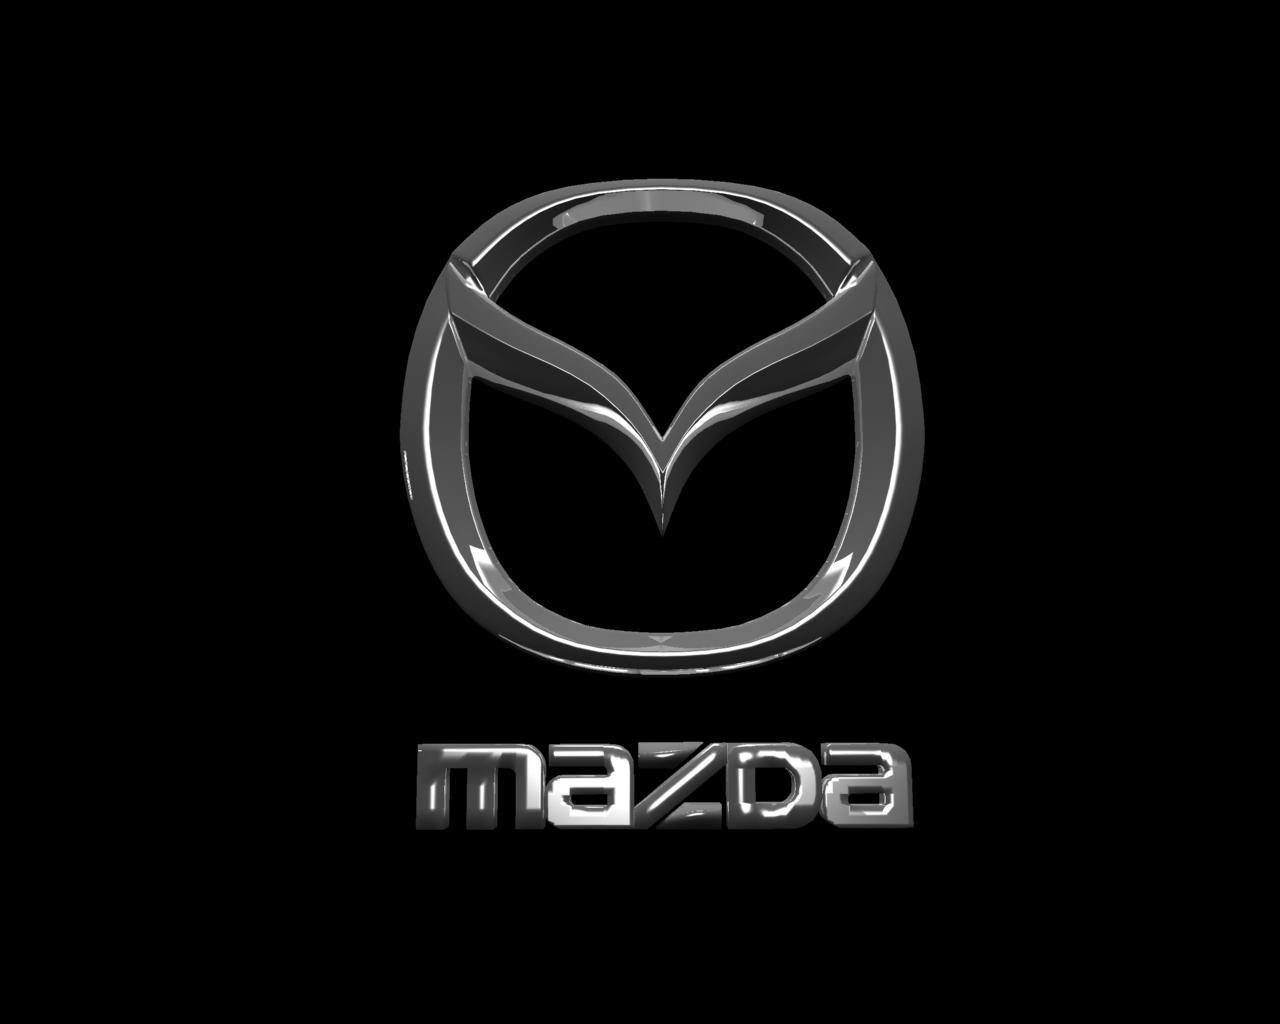 mazda logo wallpaper #7